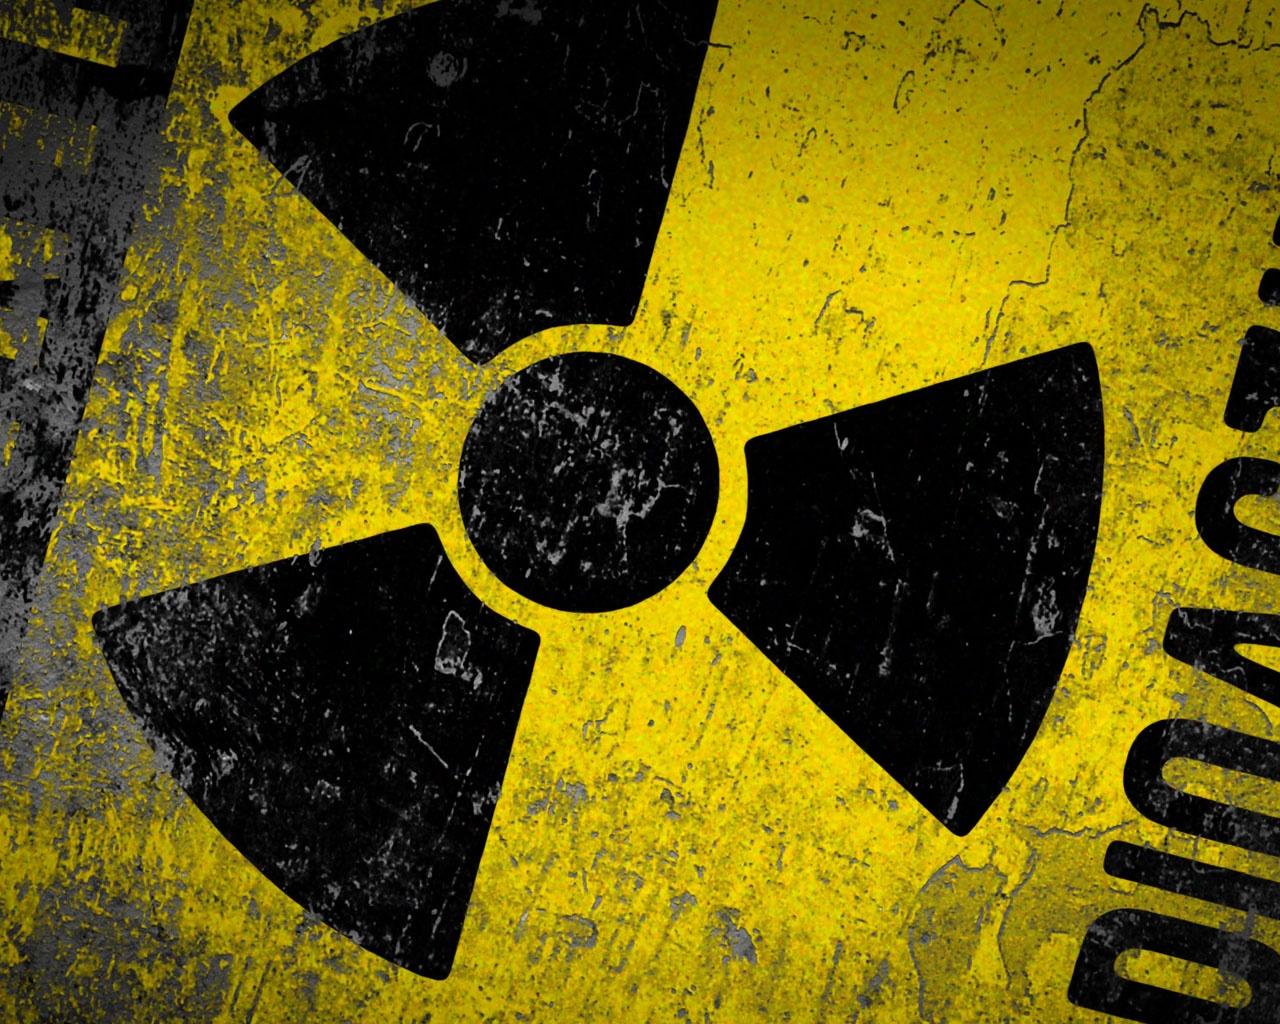 радиация, фото, обои для рабочего стола, скачать, wallpaper, radiation